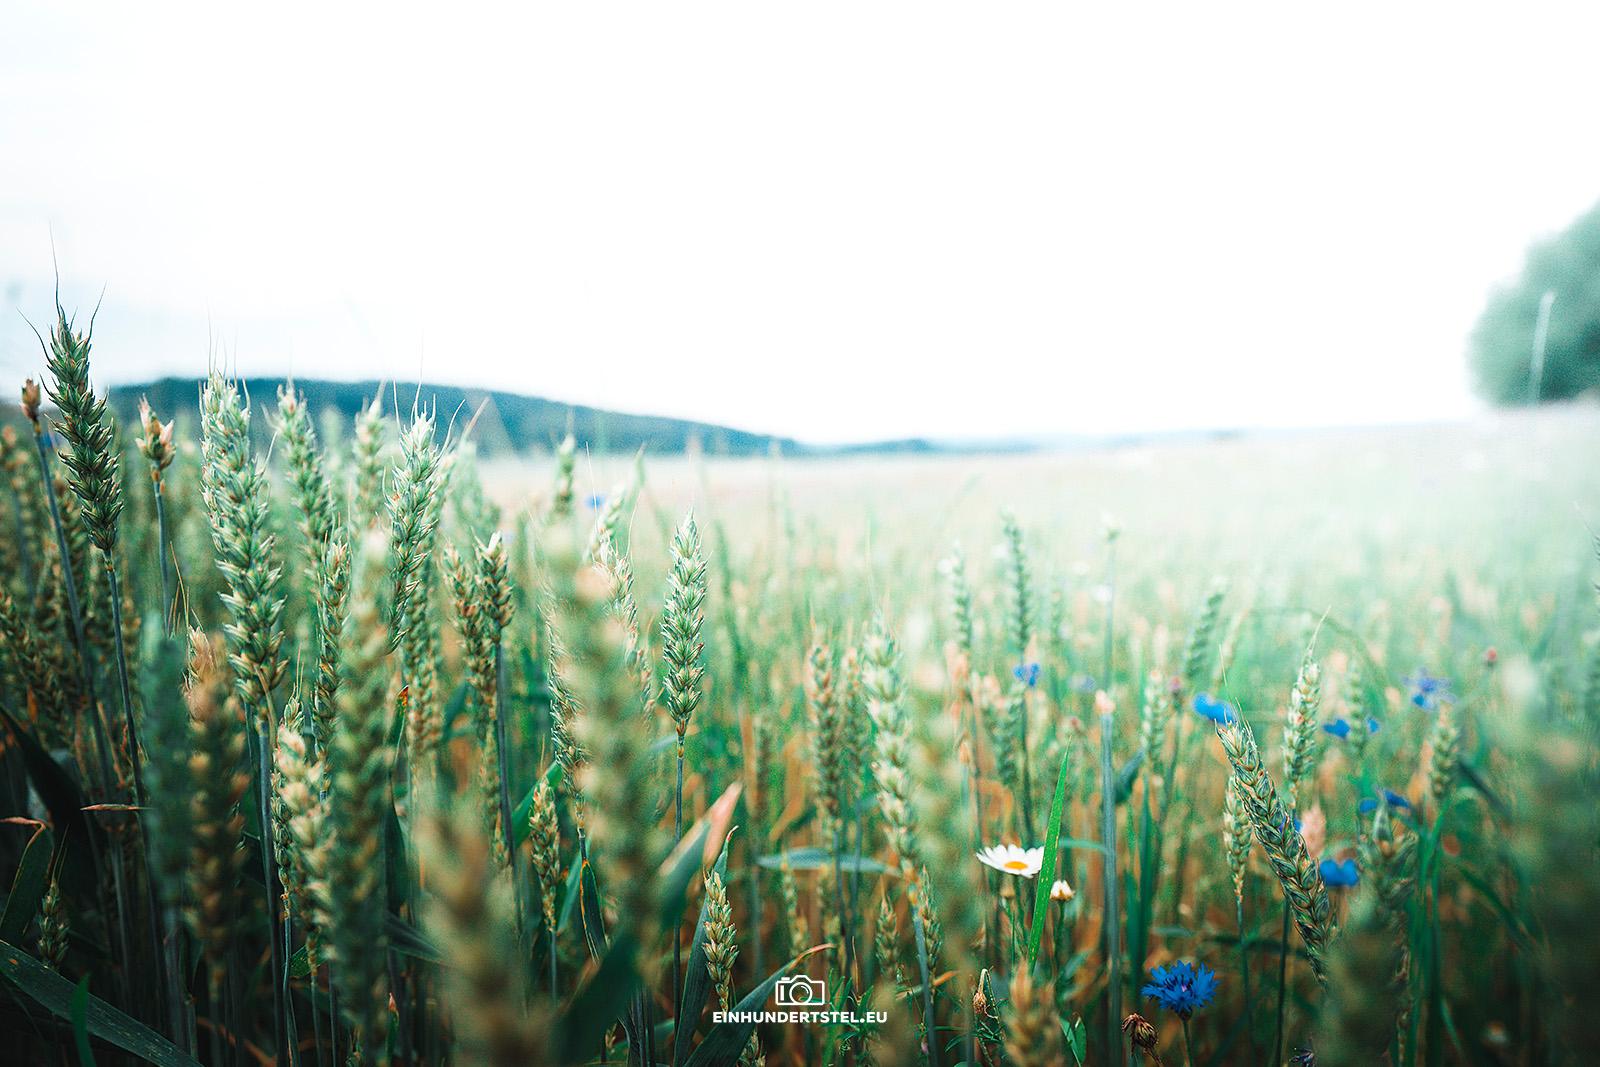 Ein Weizenfeld mit vereinzelten Kornblumen darin.